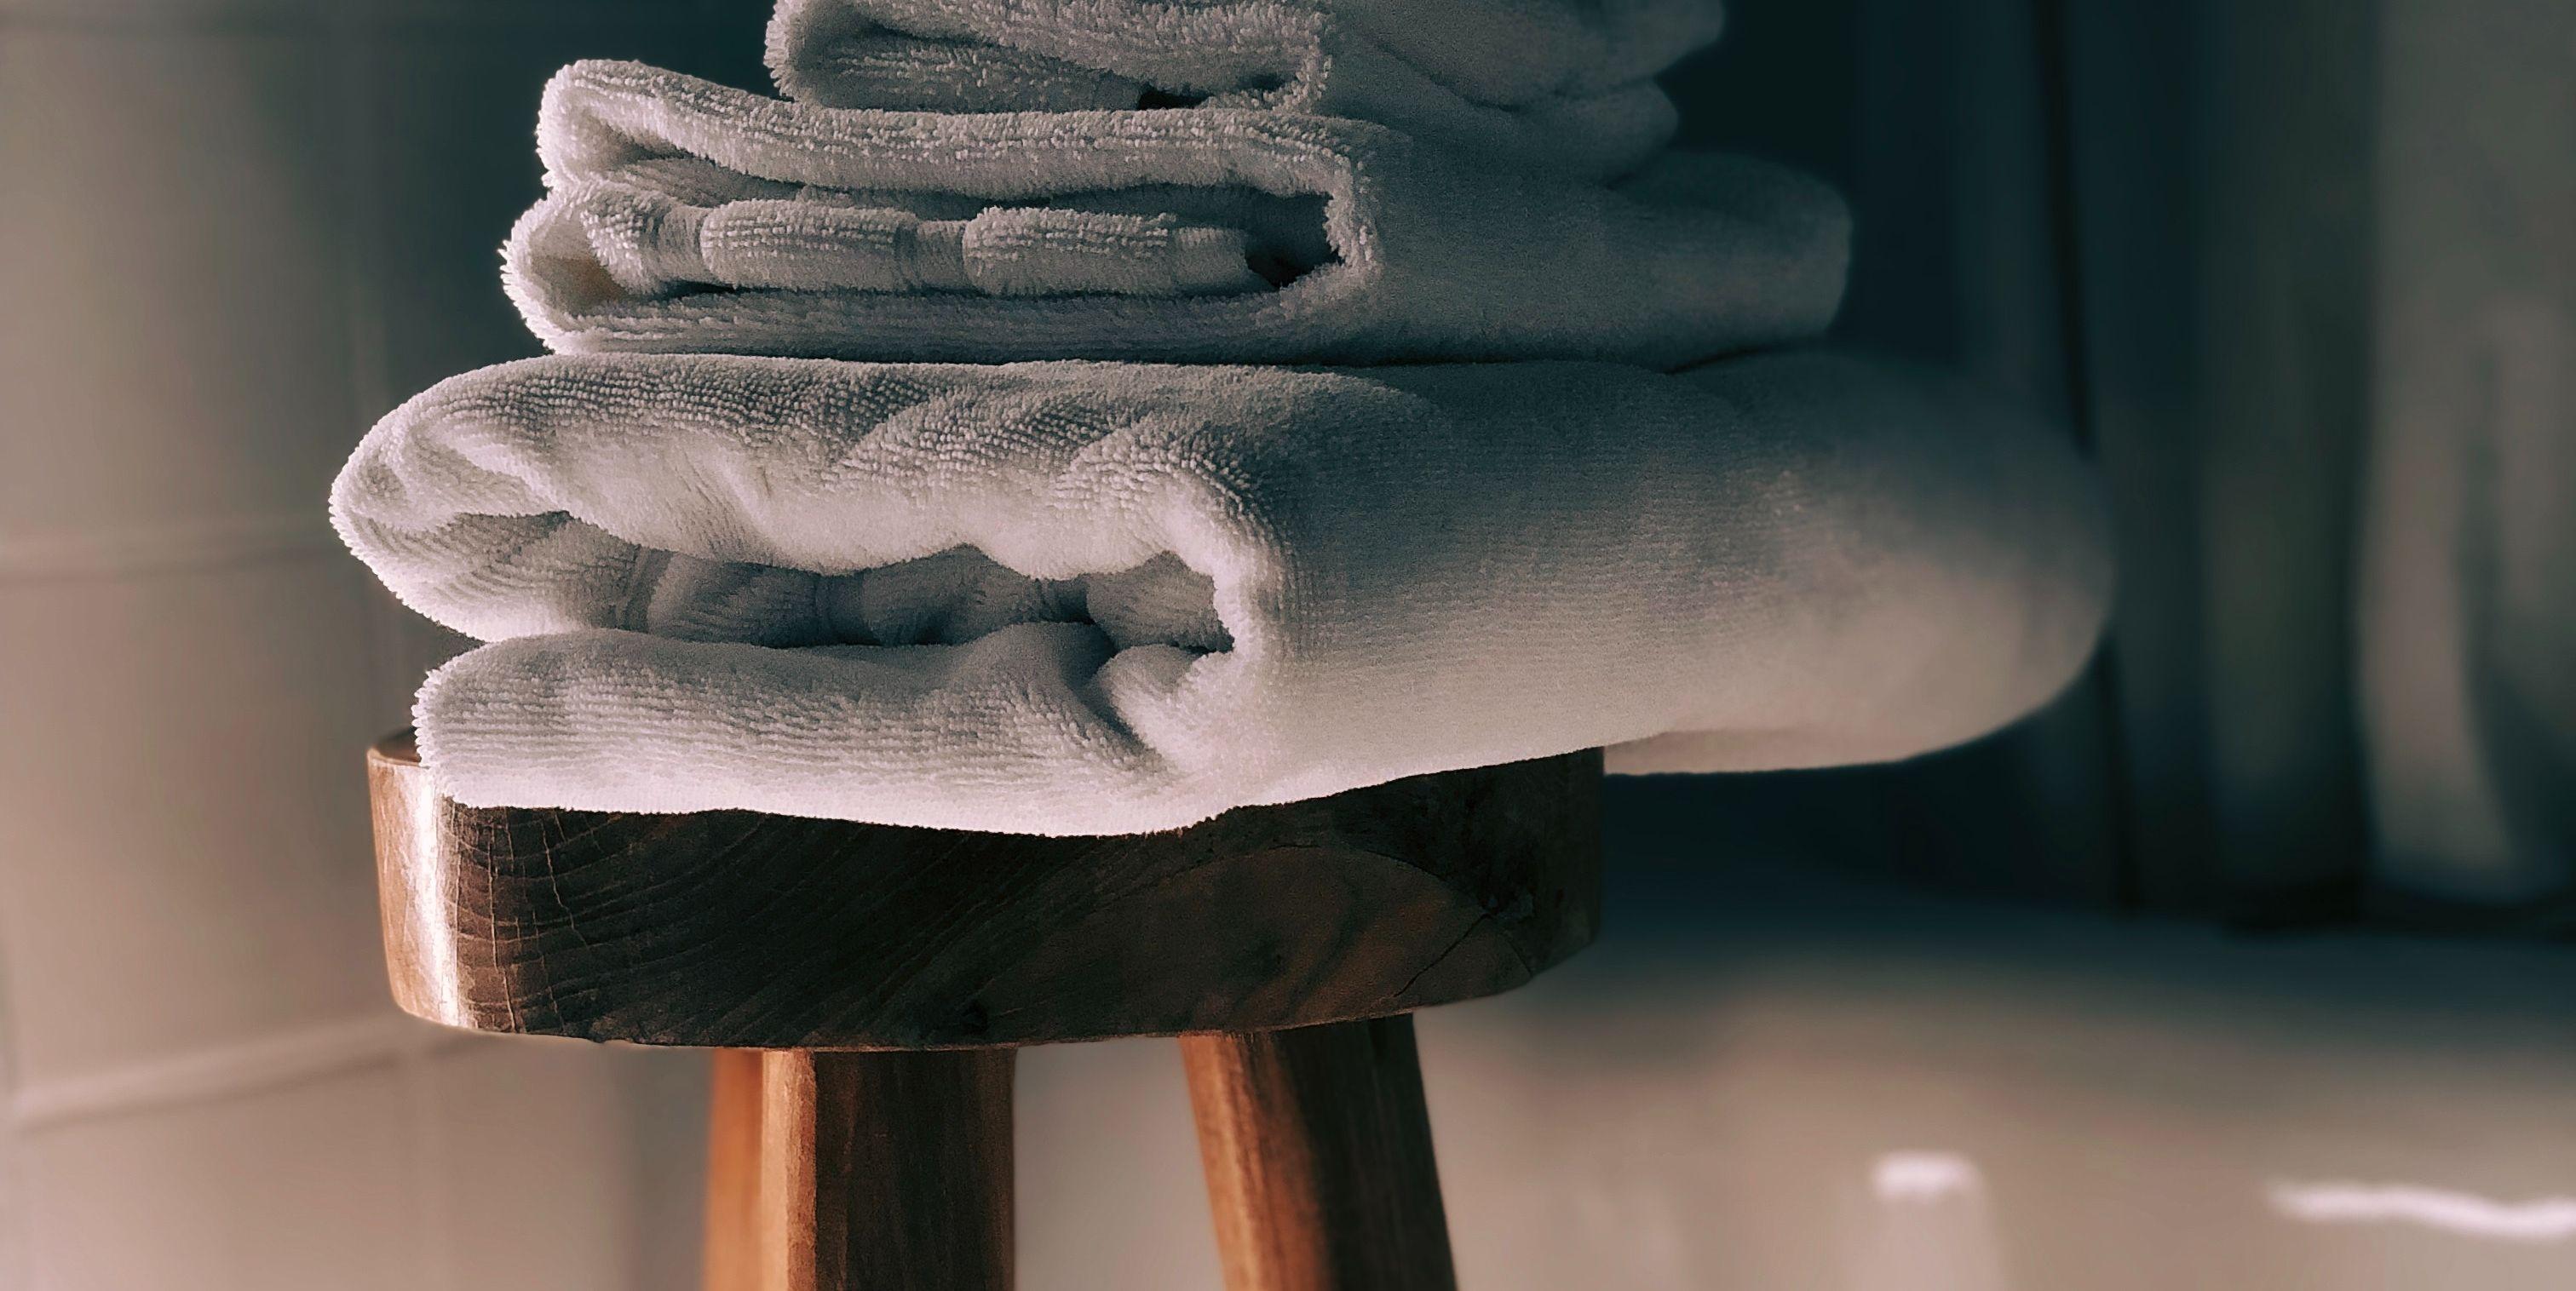 Bucato top grazie al detersivo per la lavatrice completamente naturale e fai-da-te (vera svolta)